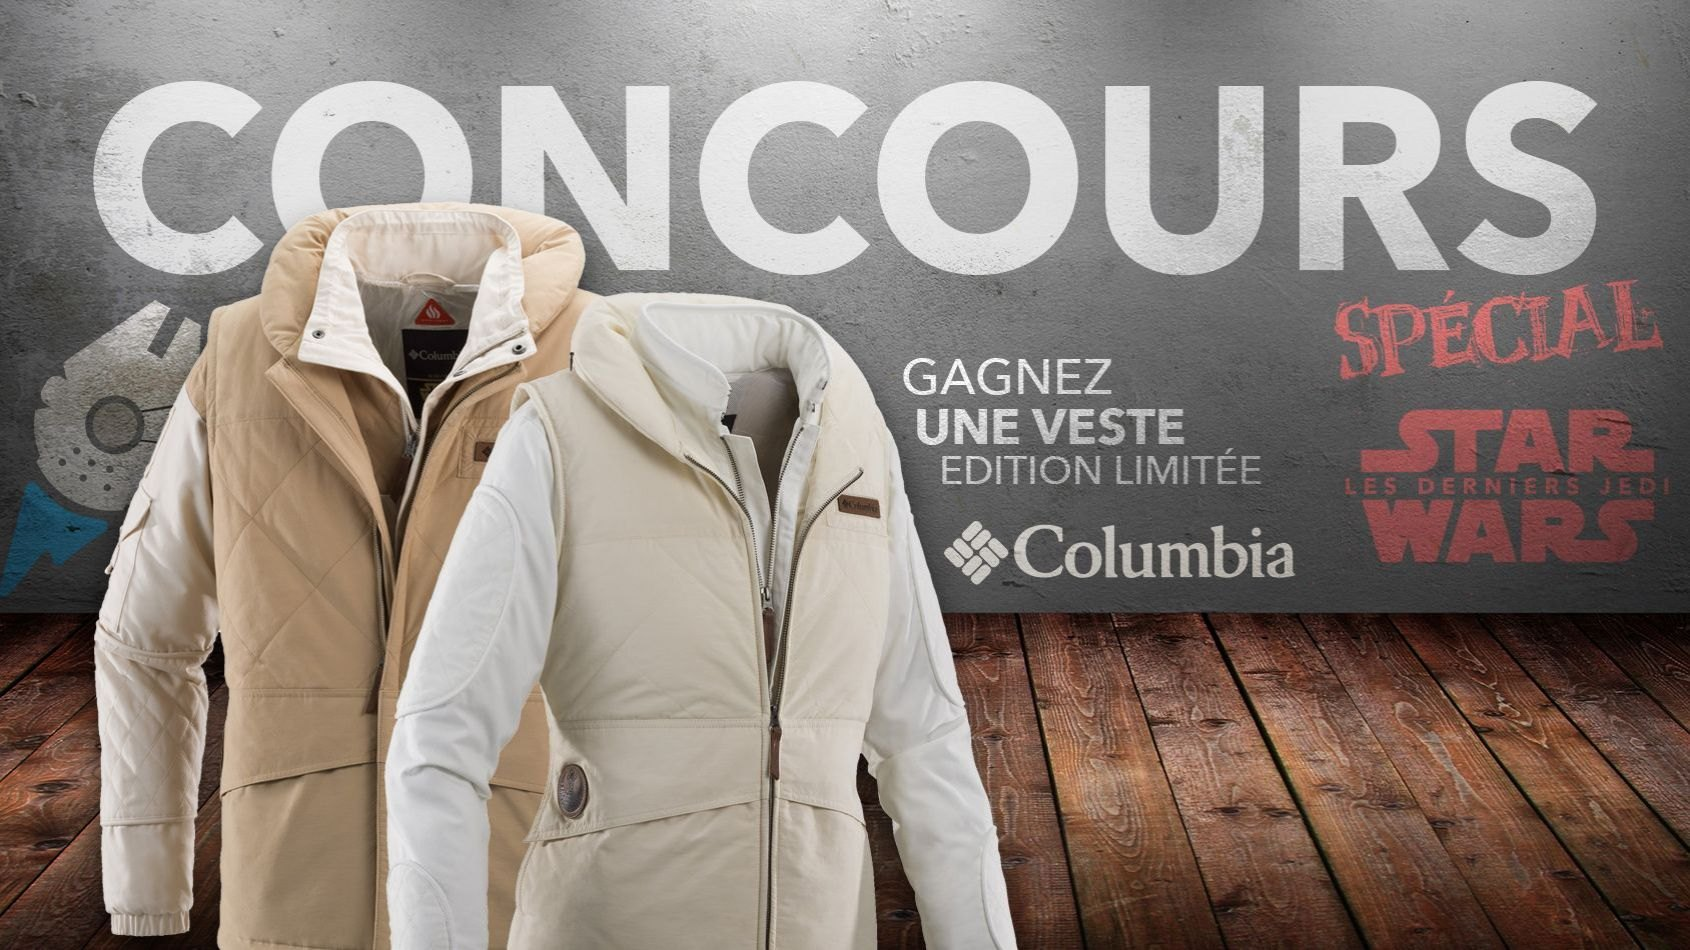 Concours Spécial #2 - Gagnez une des 5 vestes inédites Columbia